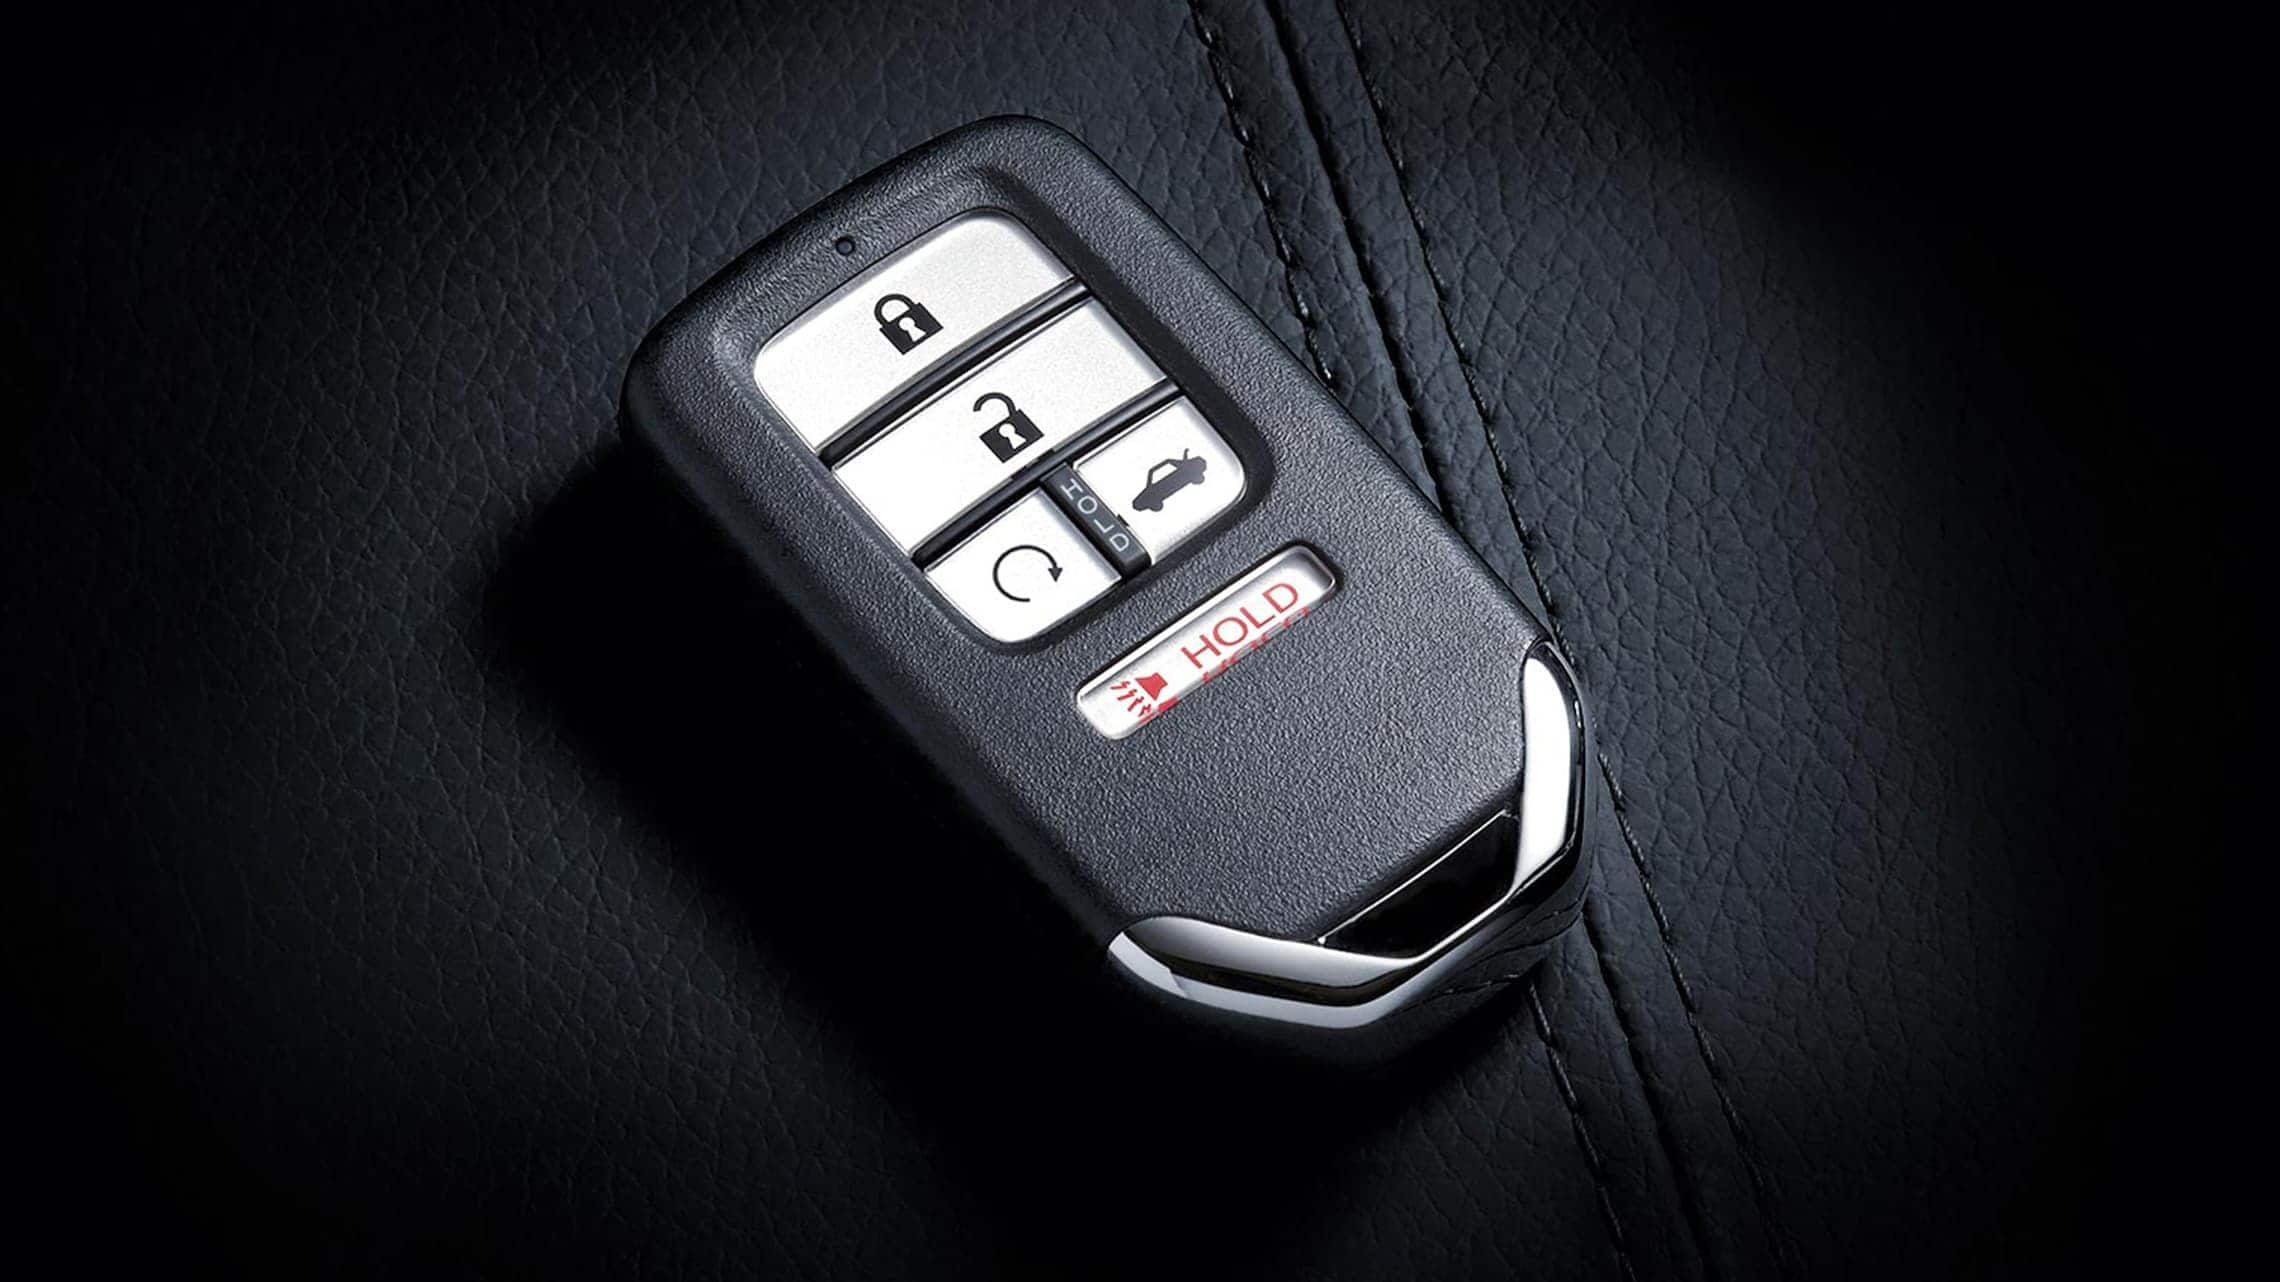 Detalle del llavero de encendido remoto del motor para el Honda Civic Sedán2020.